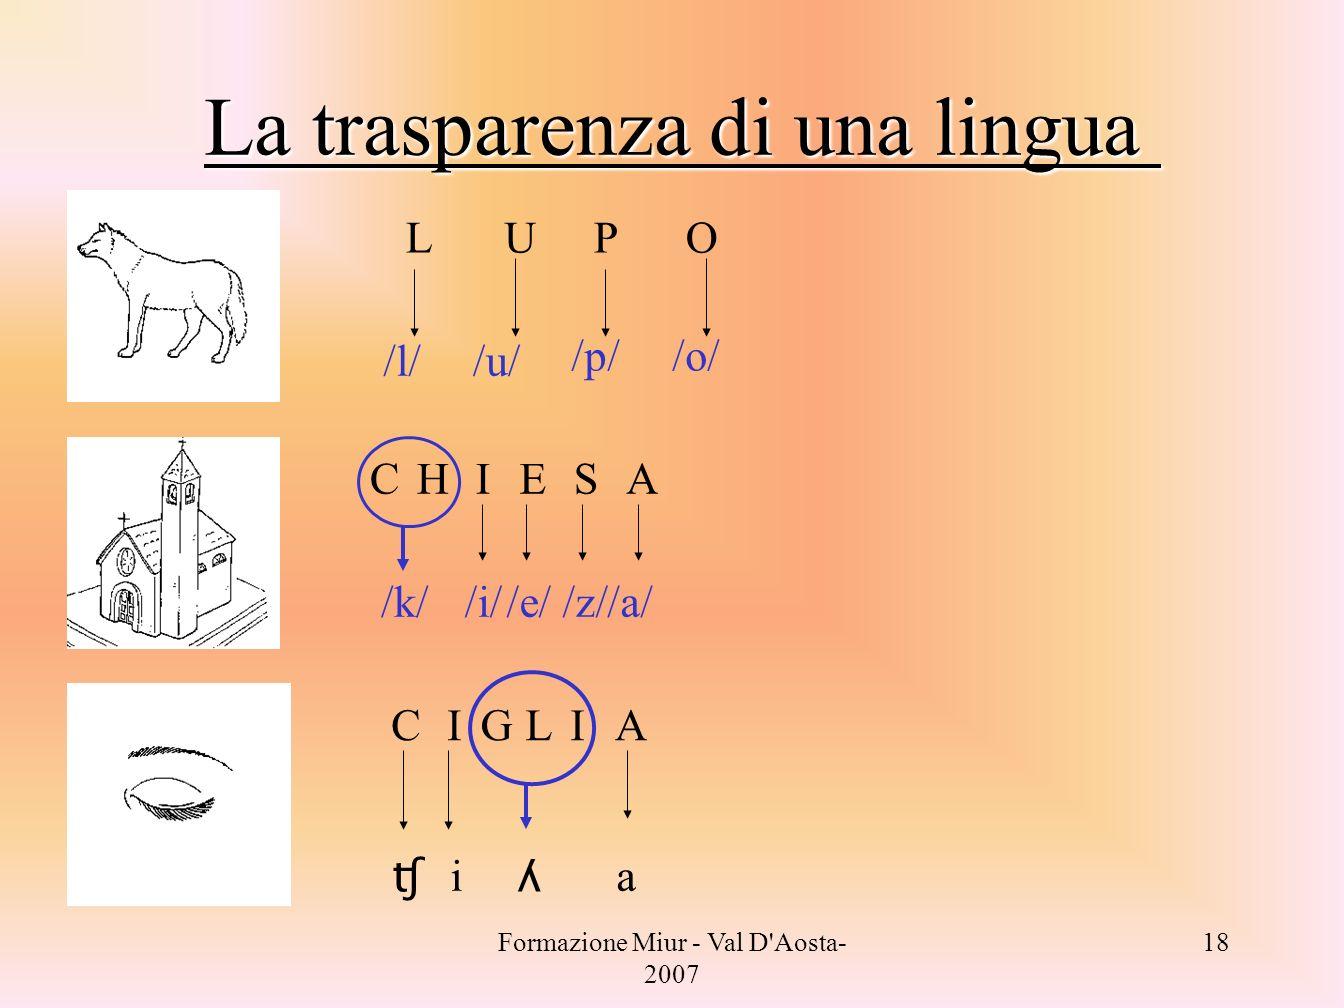 Formazione Miur - Val D'Aosta- 2007 18 La trasparenza di una lingua L /l/ U /u/ P /p/ O /o/ CHIESA /k//i//e//z//a/ CIGLIA ʧ i ʎ a